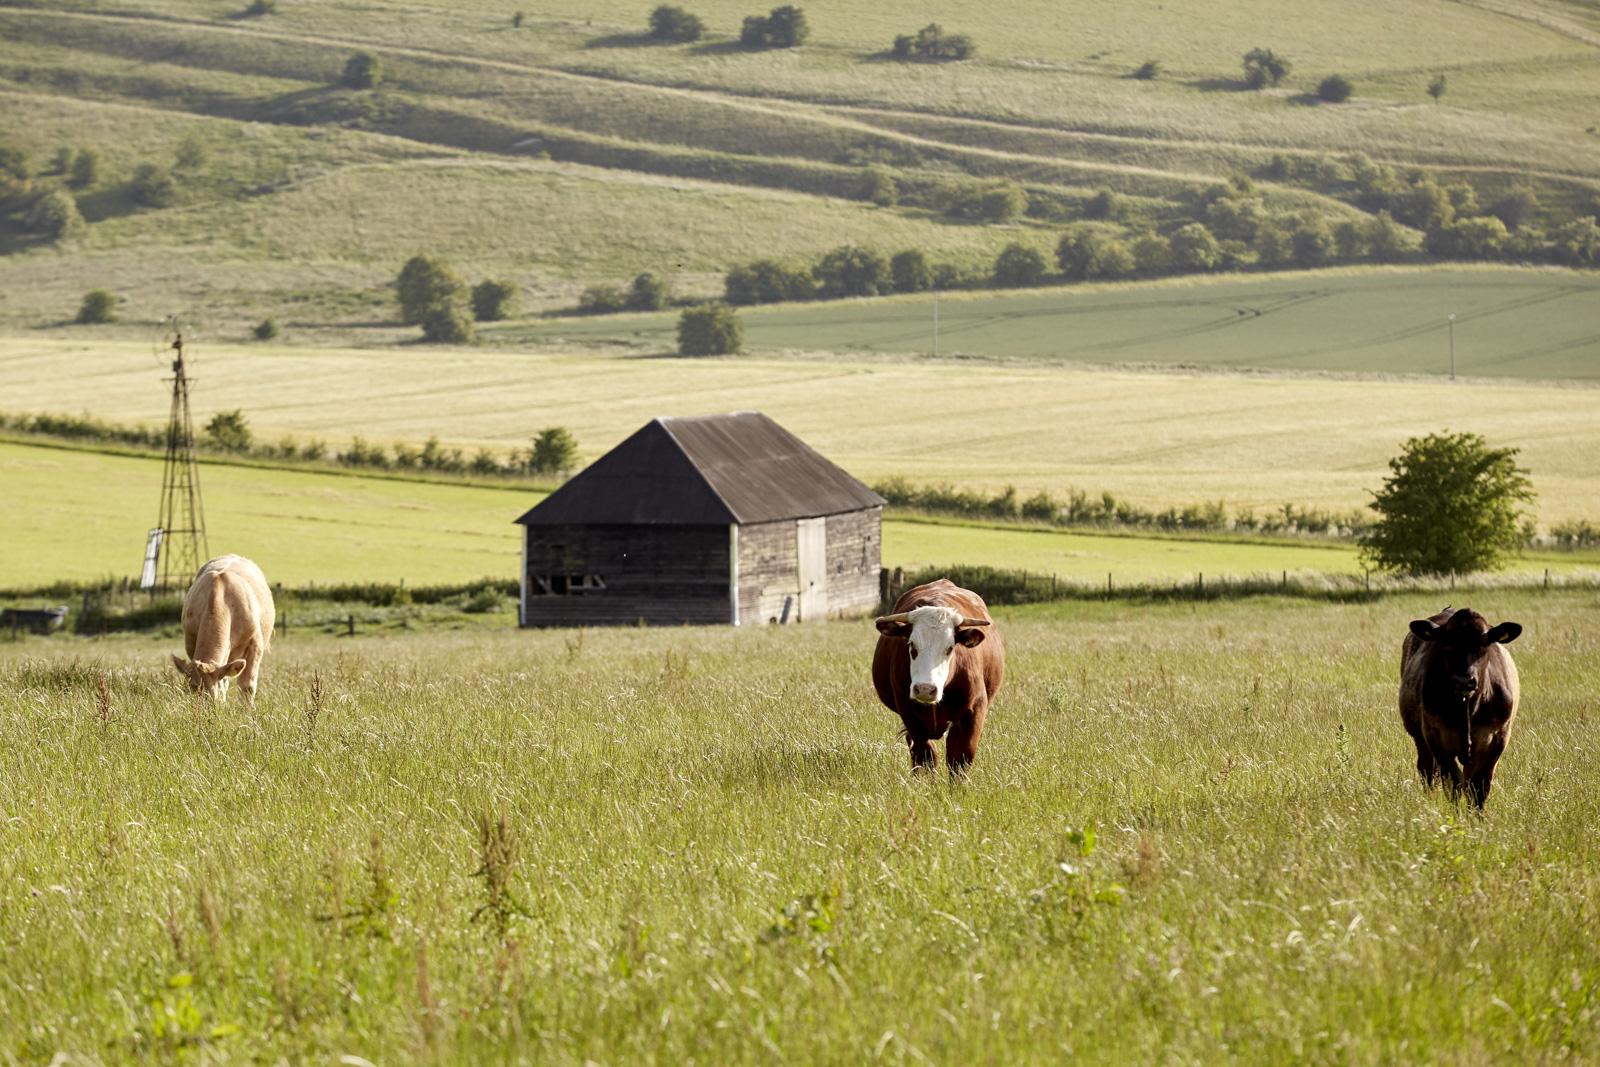 WW_LAWN_FARM_COWS_003.jpg